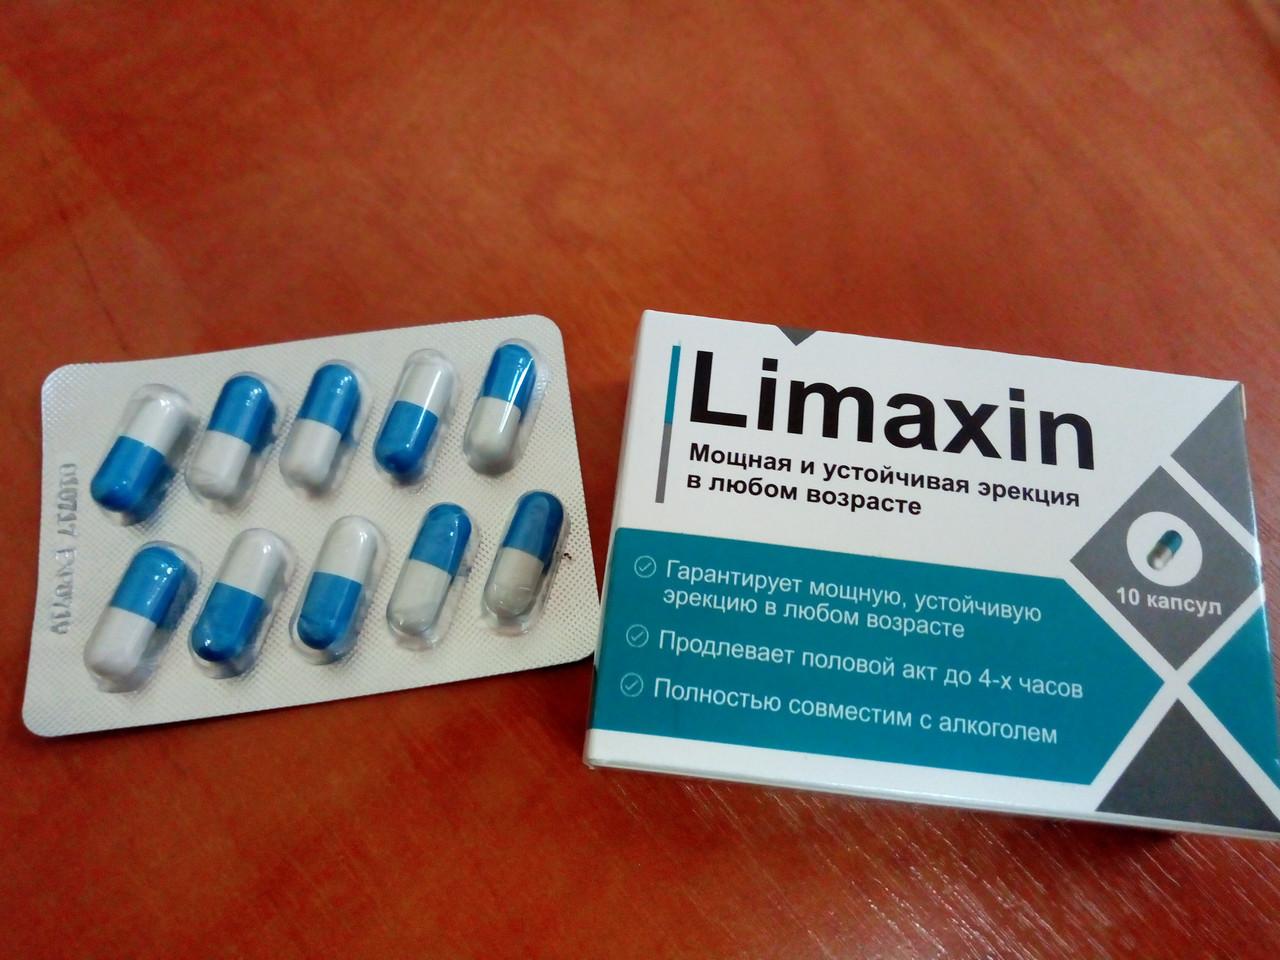 Limaxin – Капсулы для усиления сексуальной активности (Лимаксин), Устранить проблемы с эрекцией